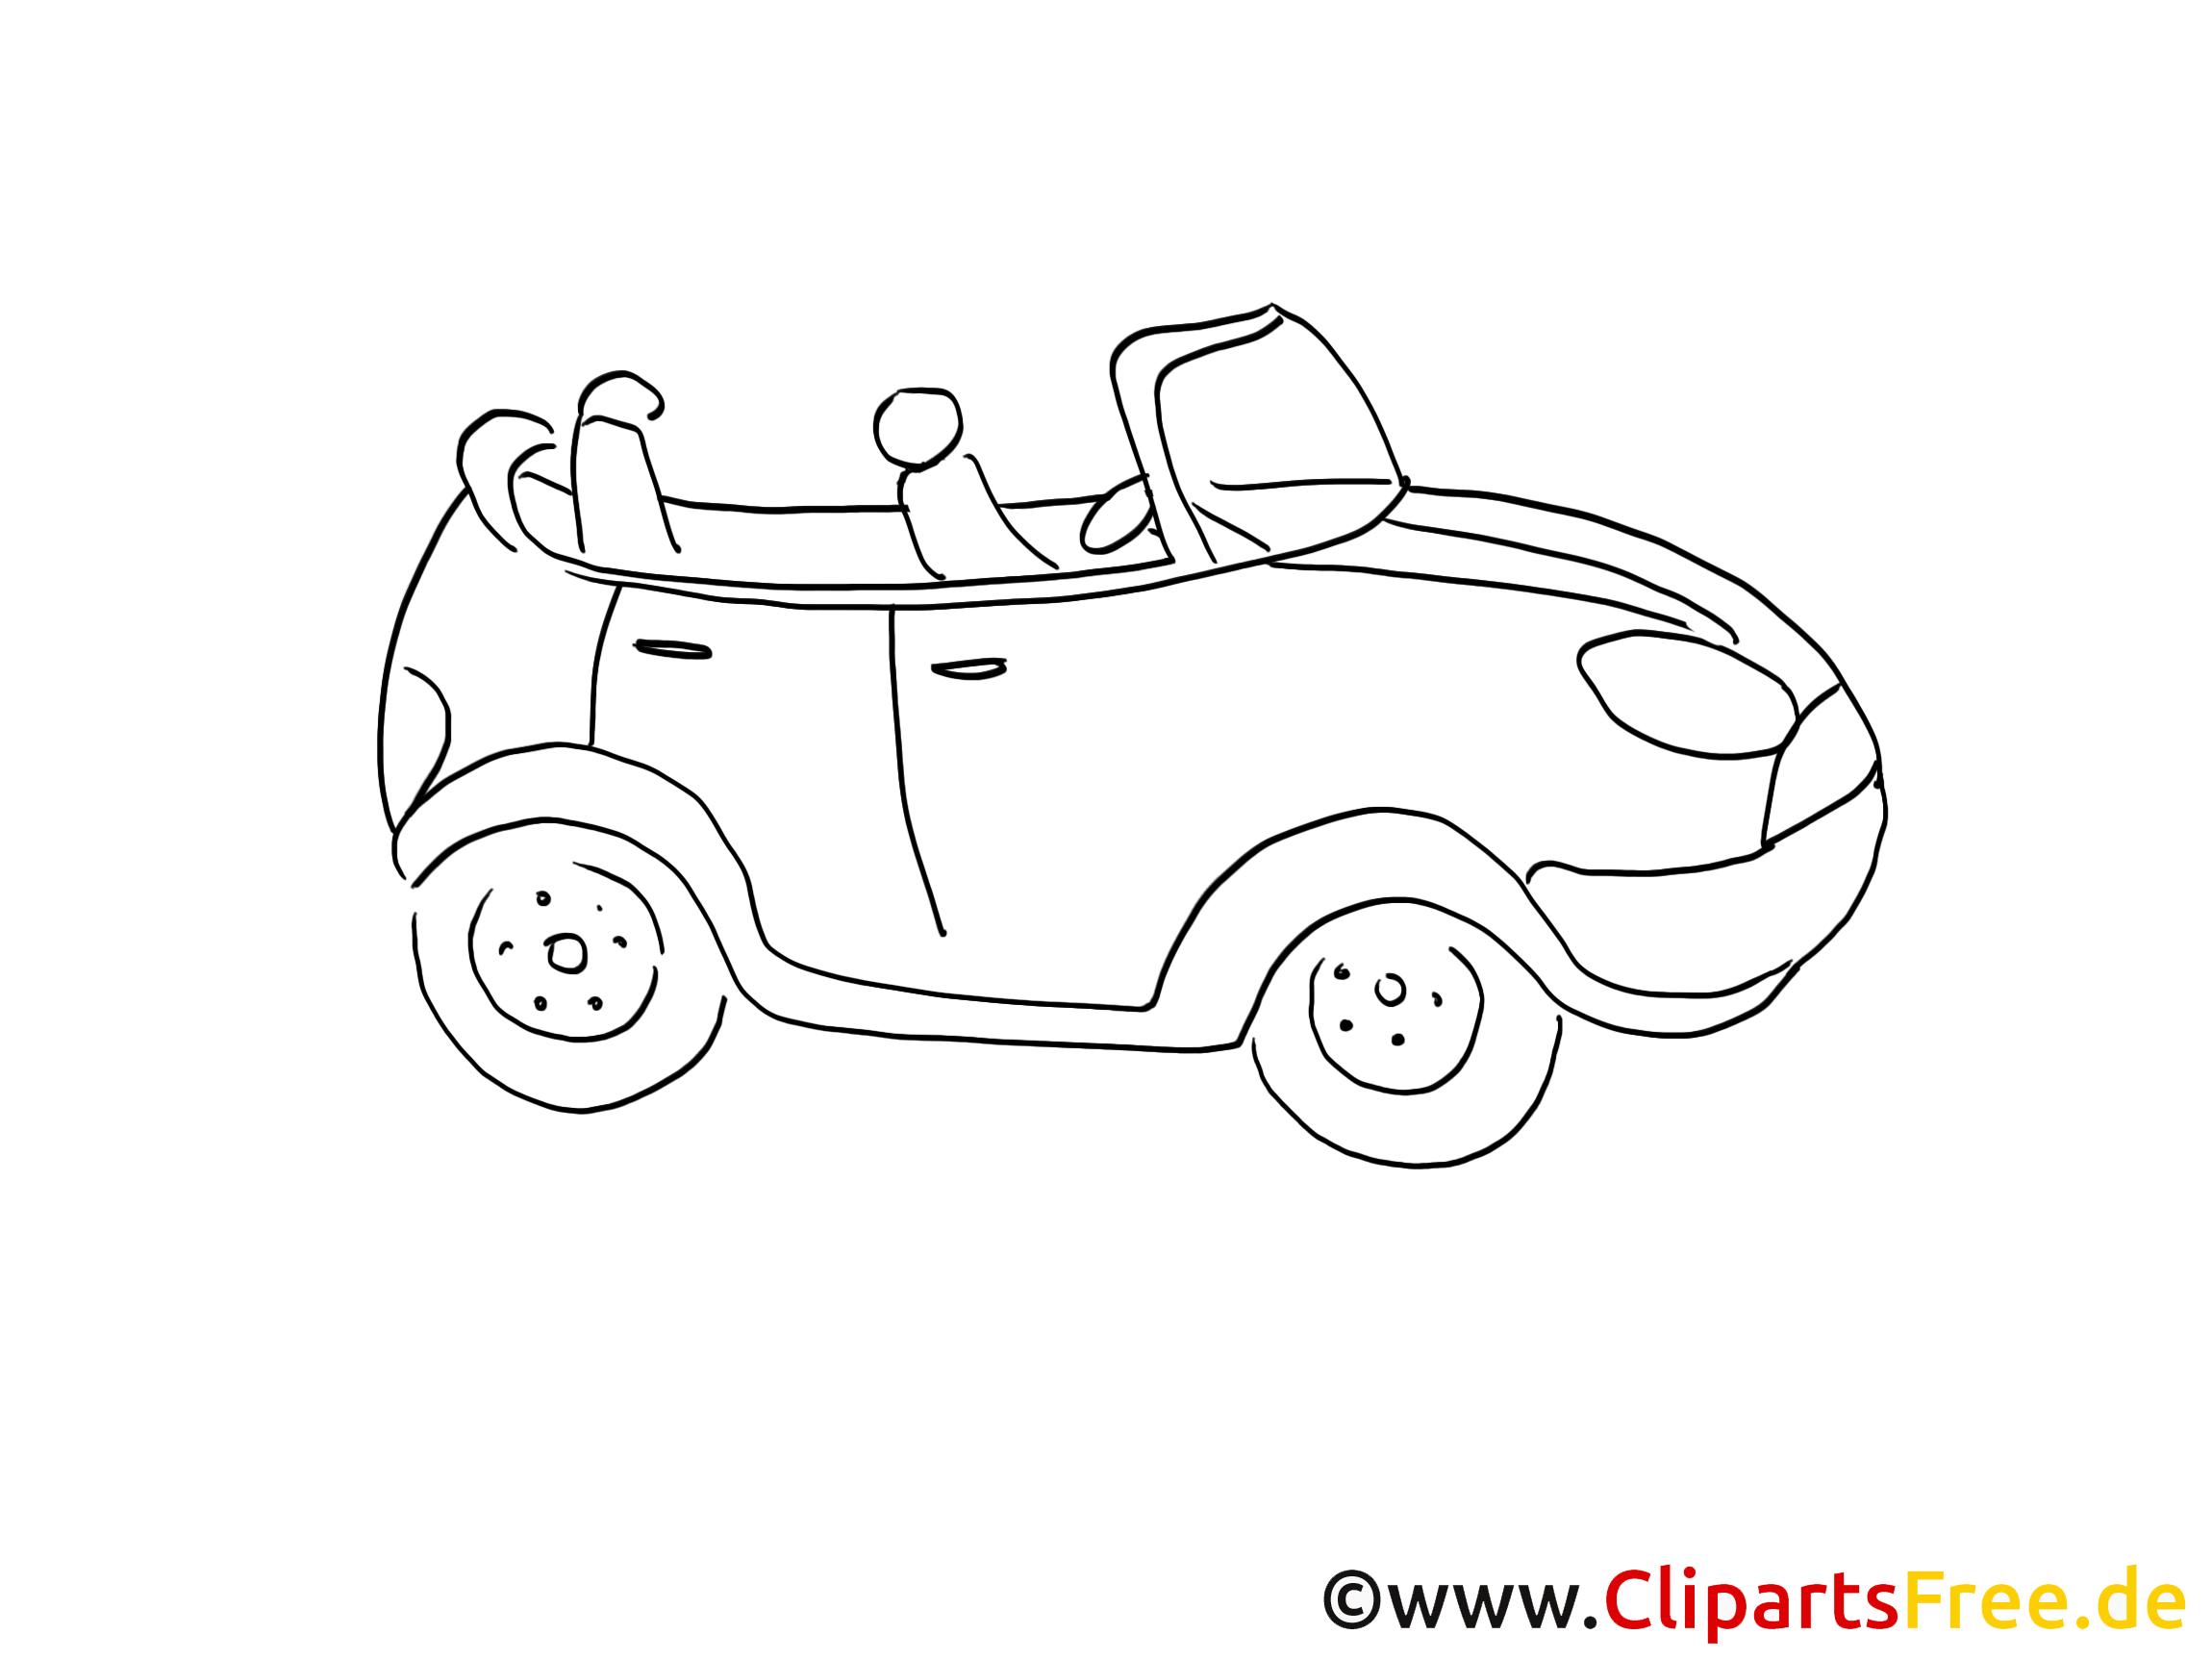 Automobil Zeichnung, Grafik schwarz-weiss, Clipart, Bild